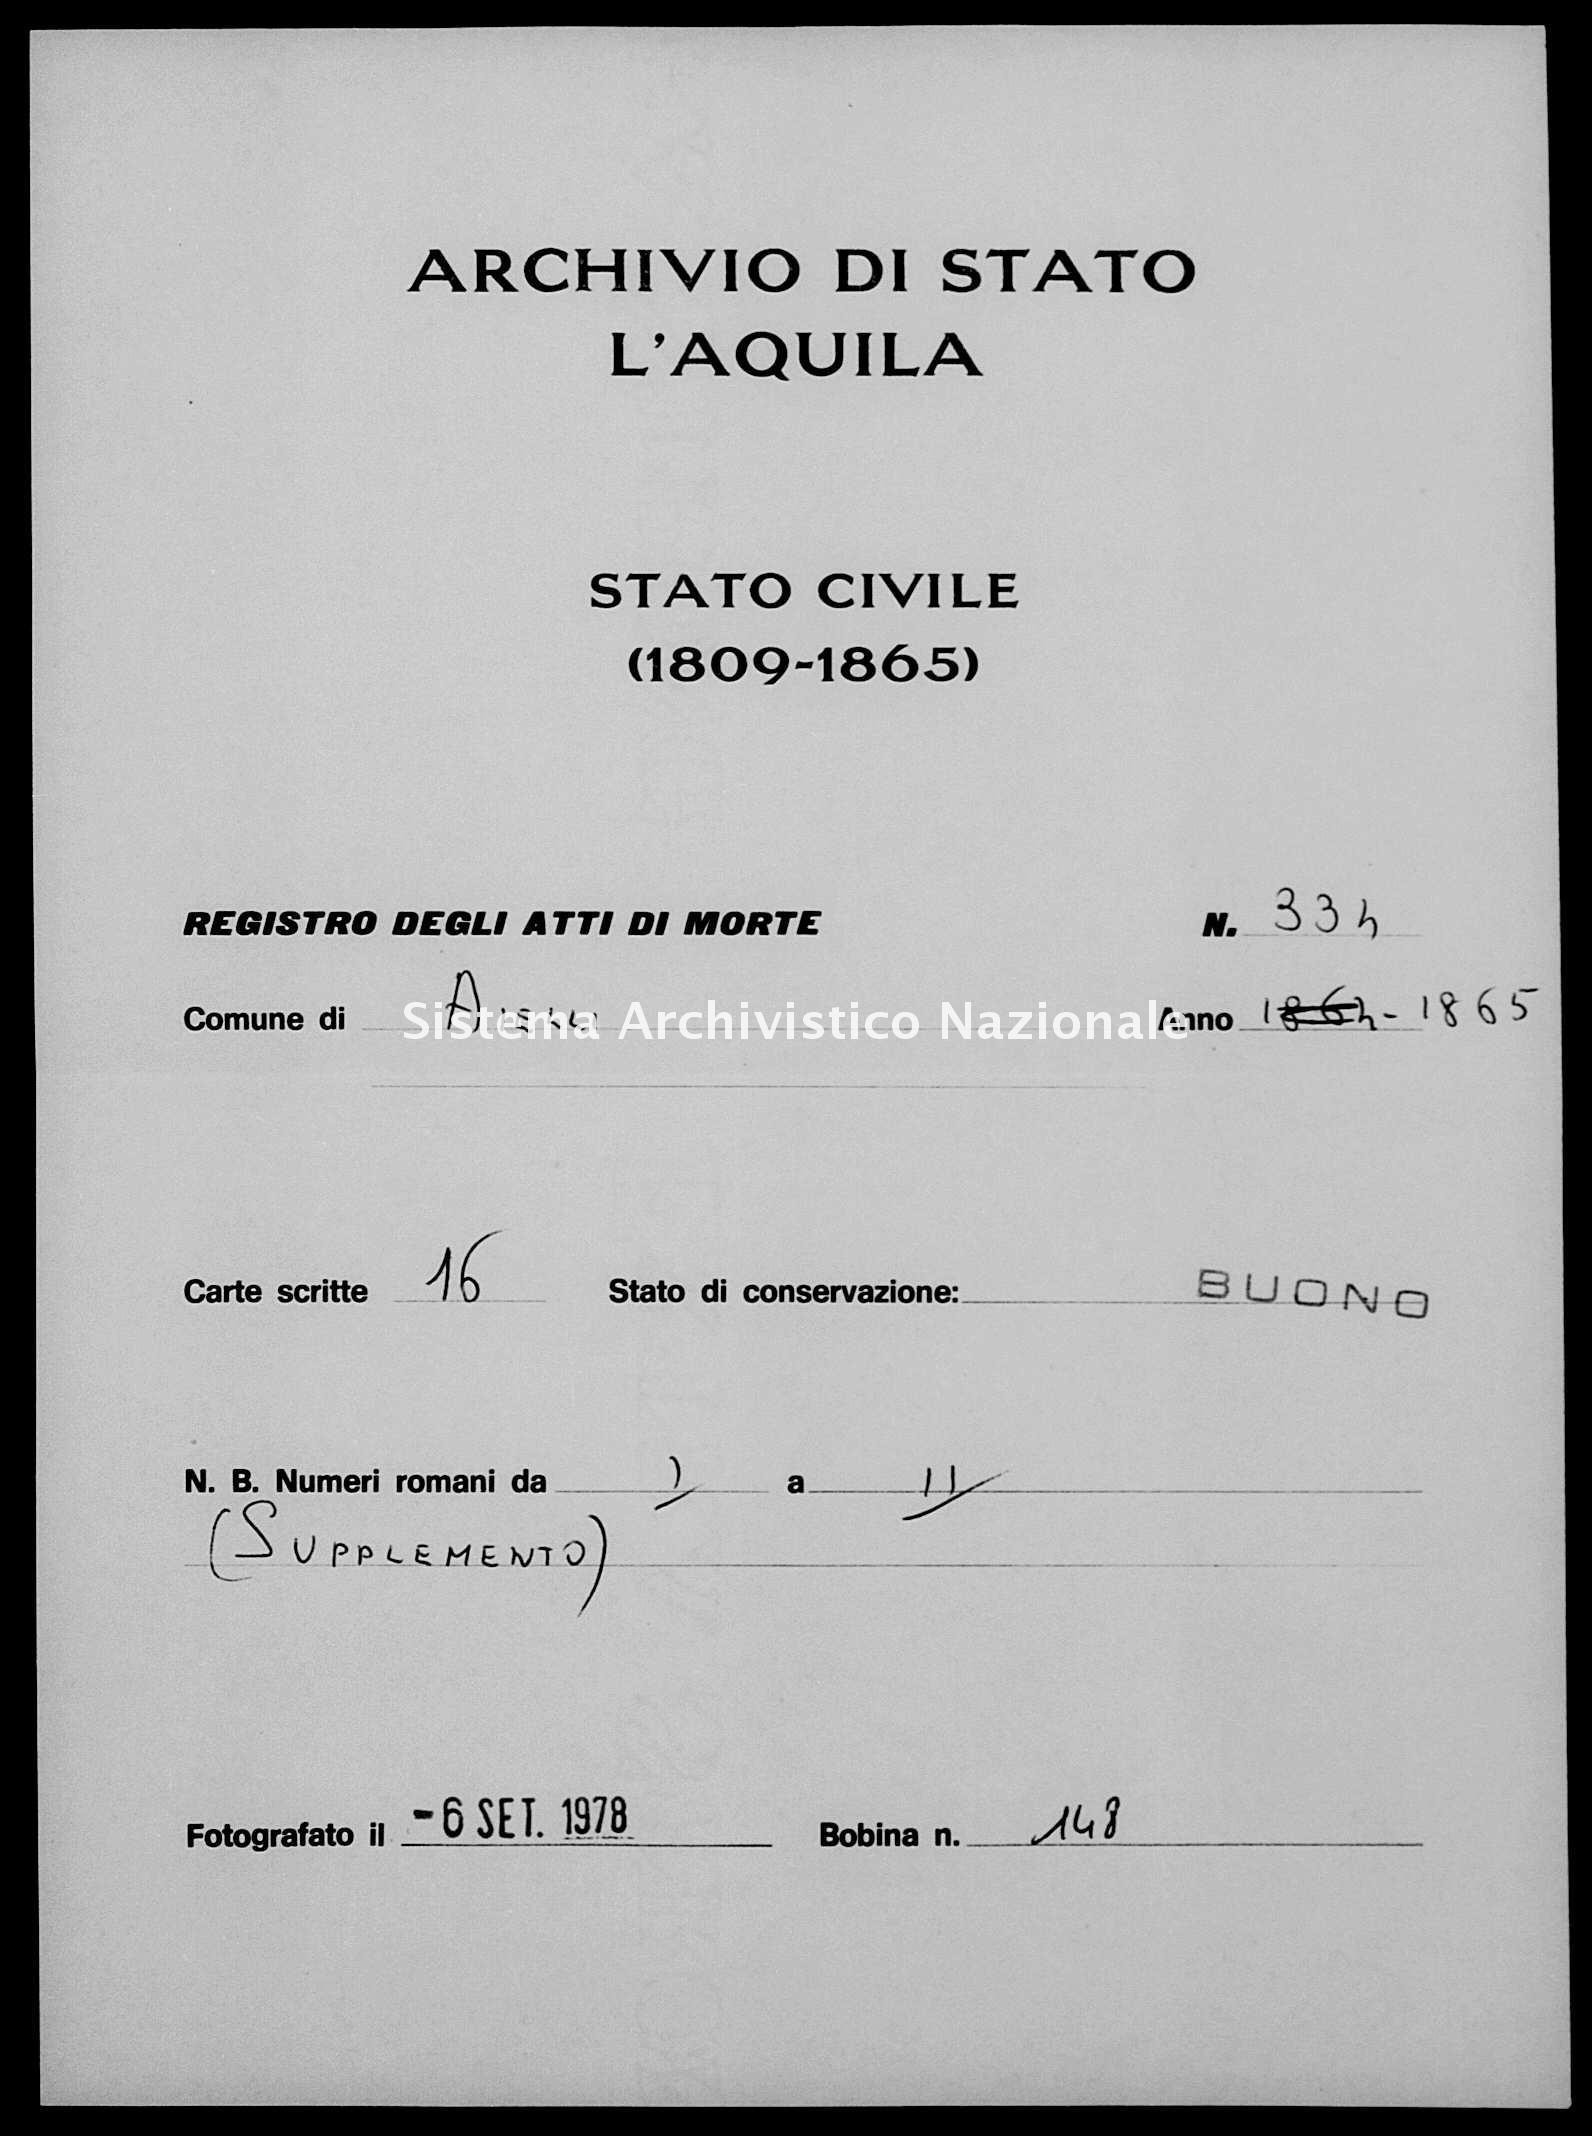 Archivio di stato di L'aquila - Stato civile italiano - Aielli - Morti - 1865 - 334 -